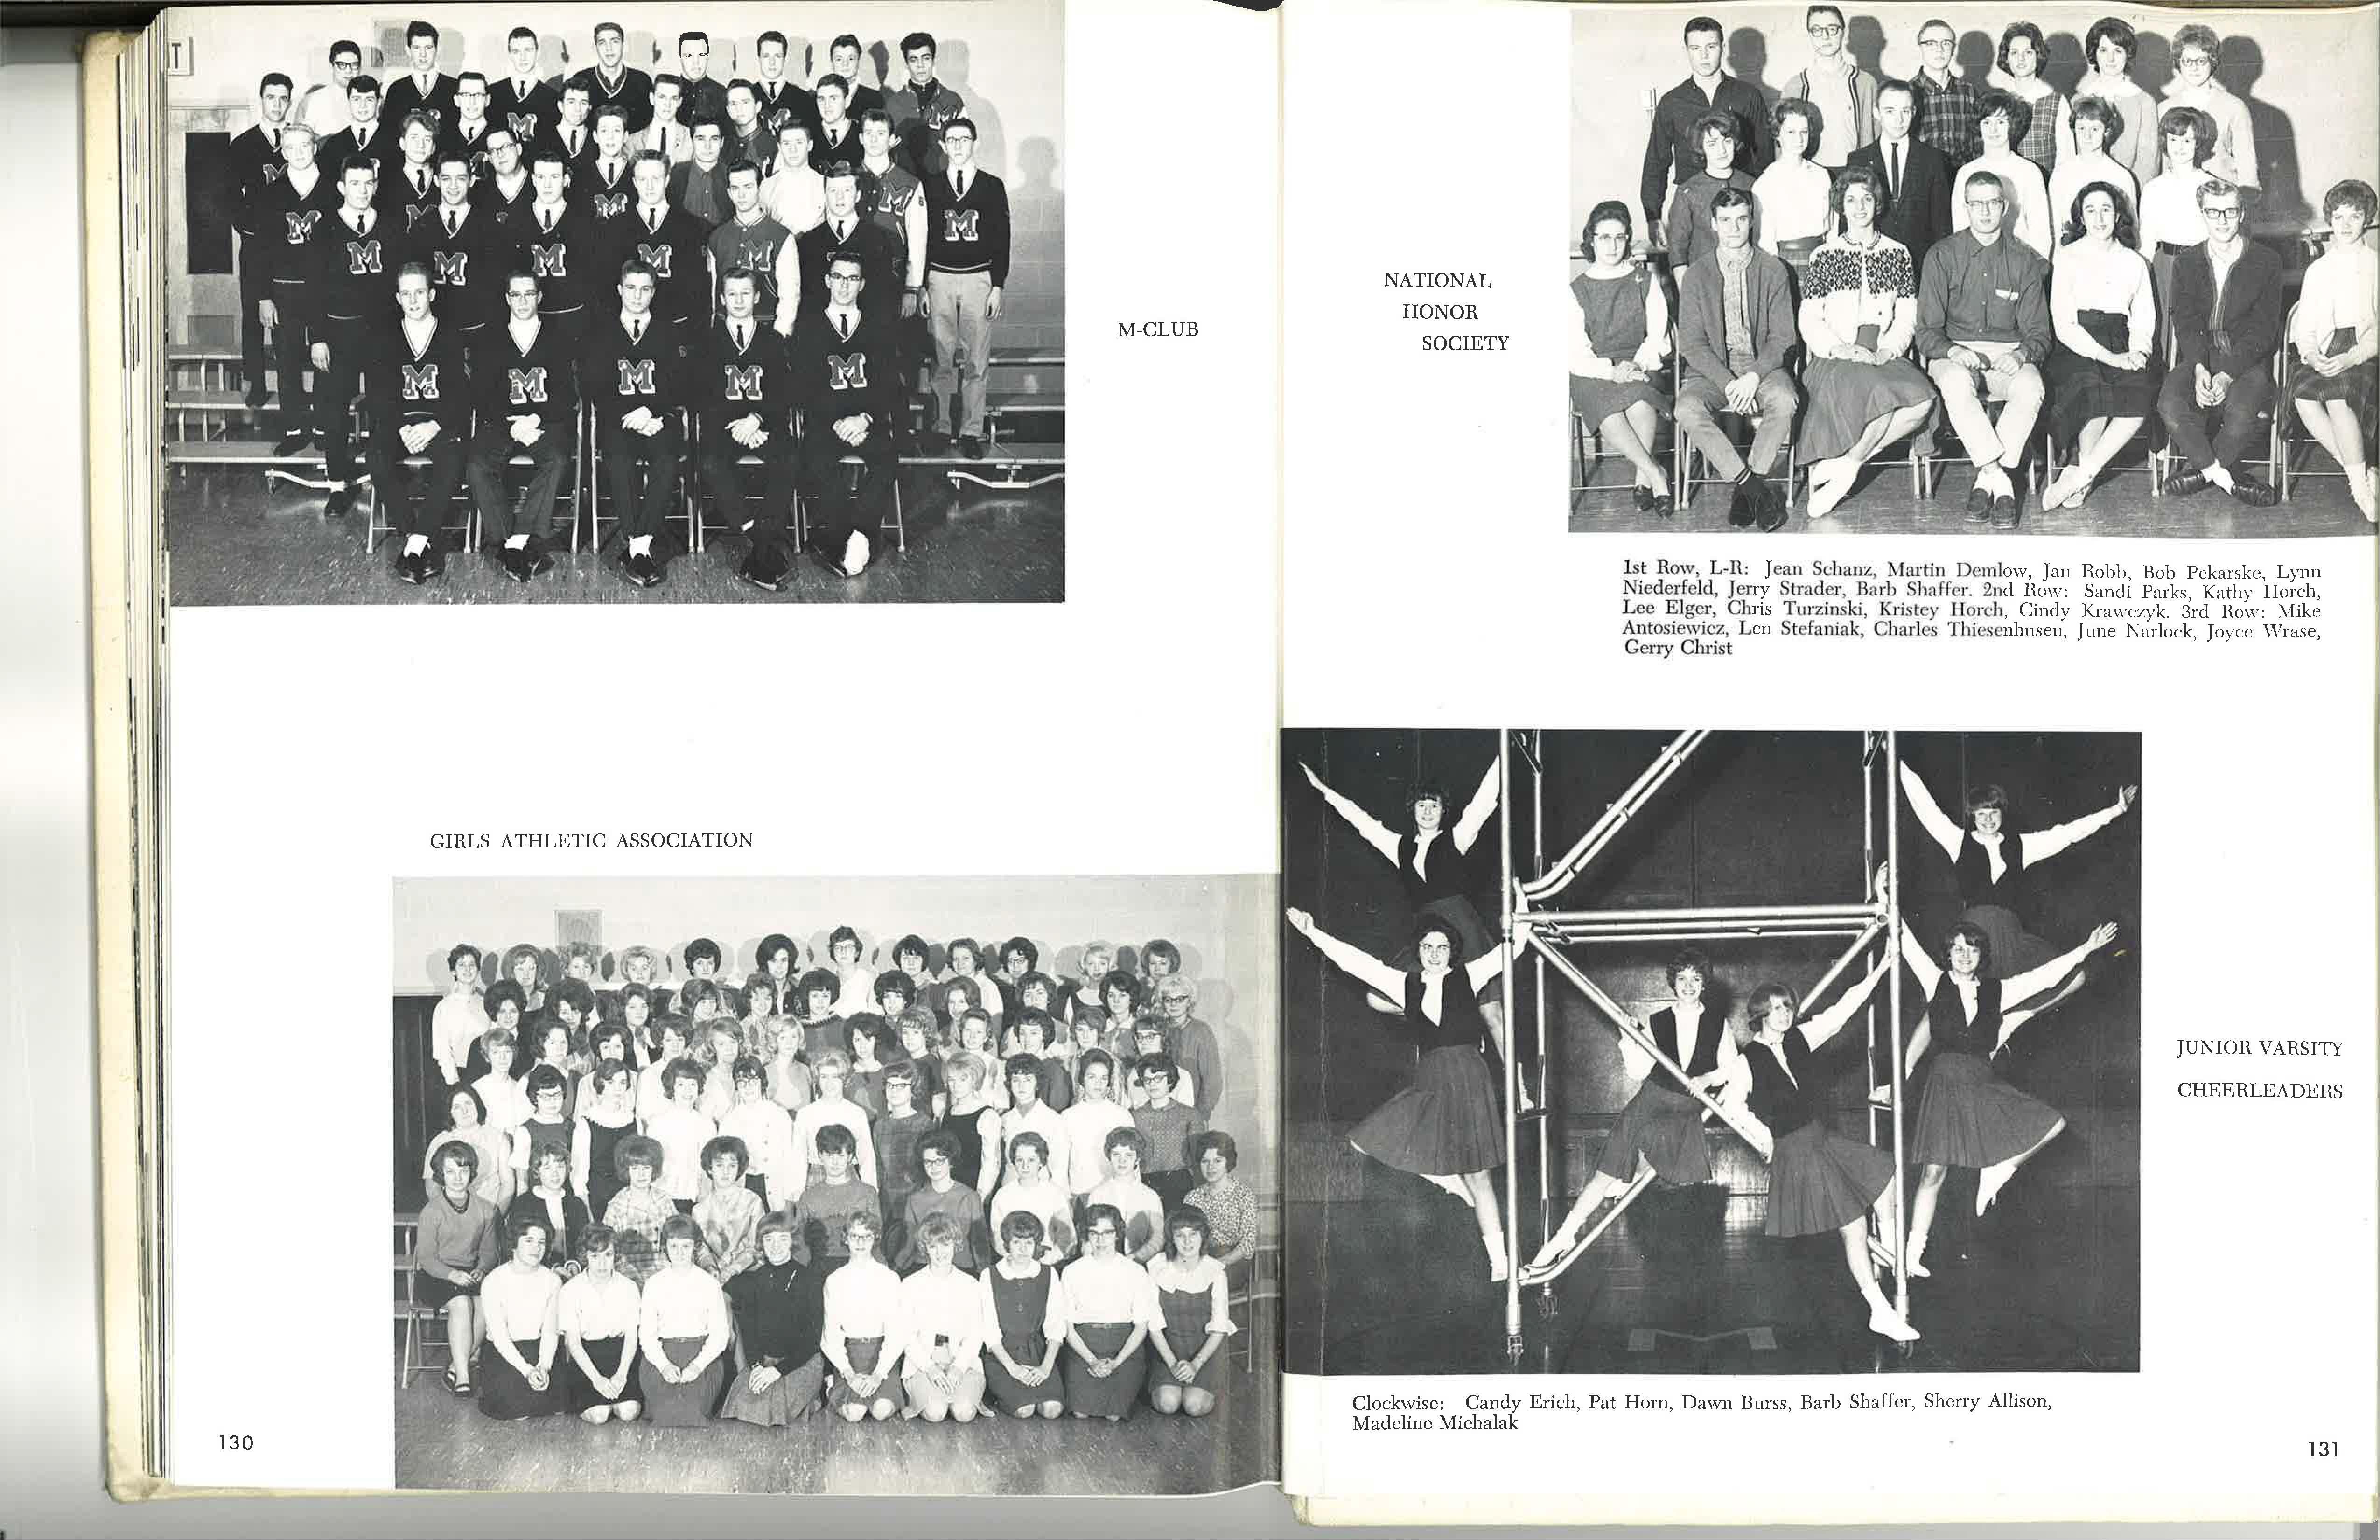 1964_Yearbook_Clubs_130-131.jpg